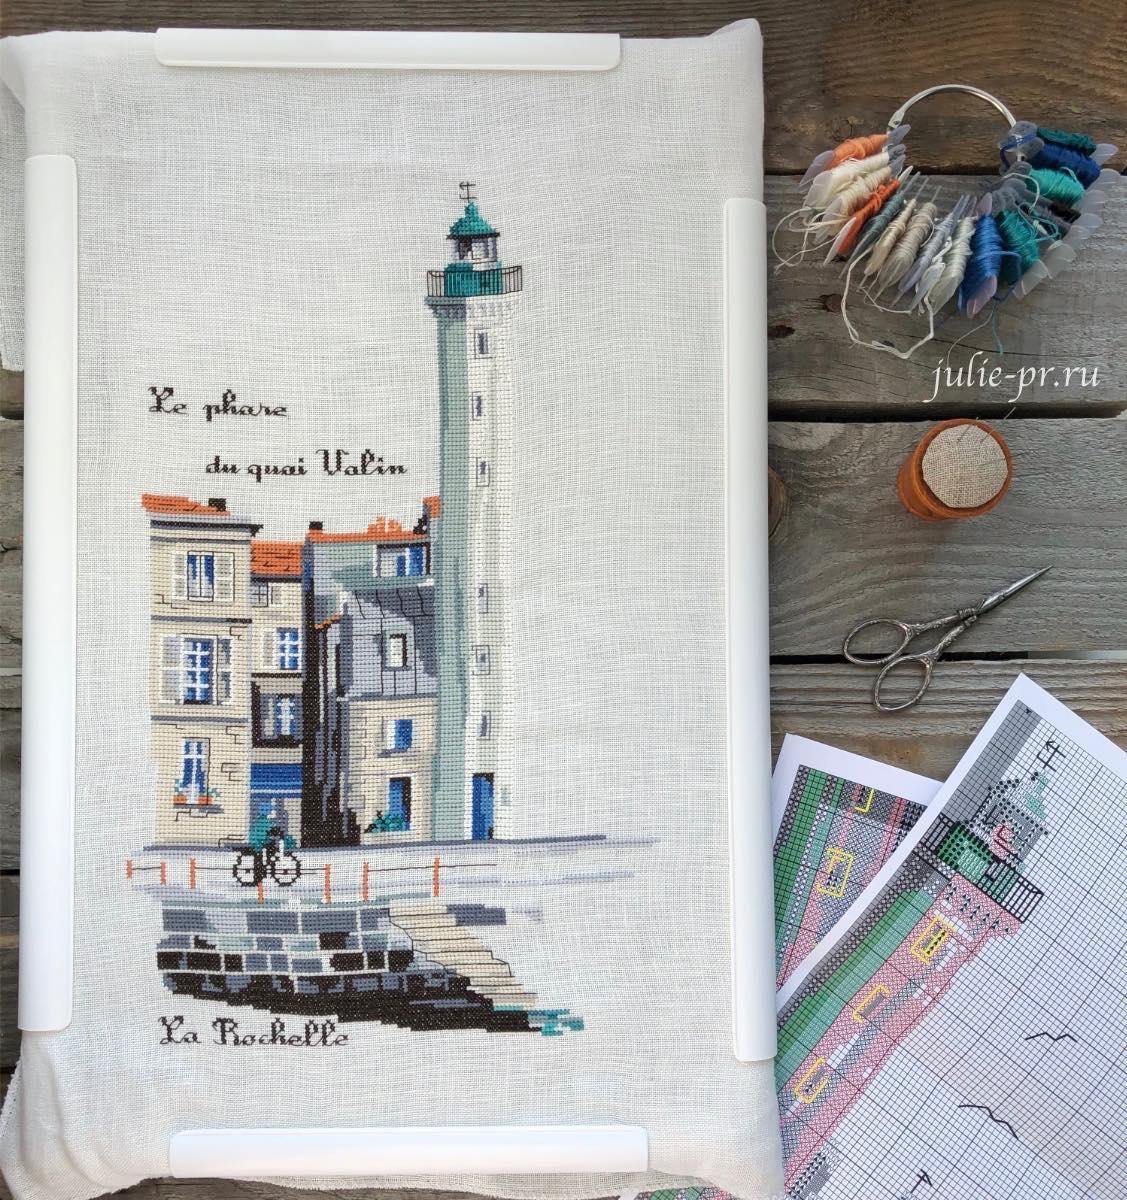 вышивка крестом, Isabelle Vautier, La Rochelle, Изабель Вотье, Ла Рошель, игольница Sajou, кольцо и бобинки для мулине